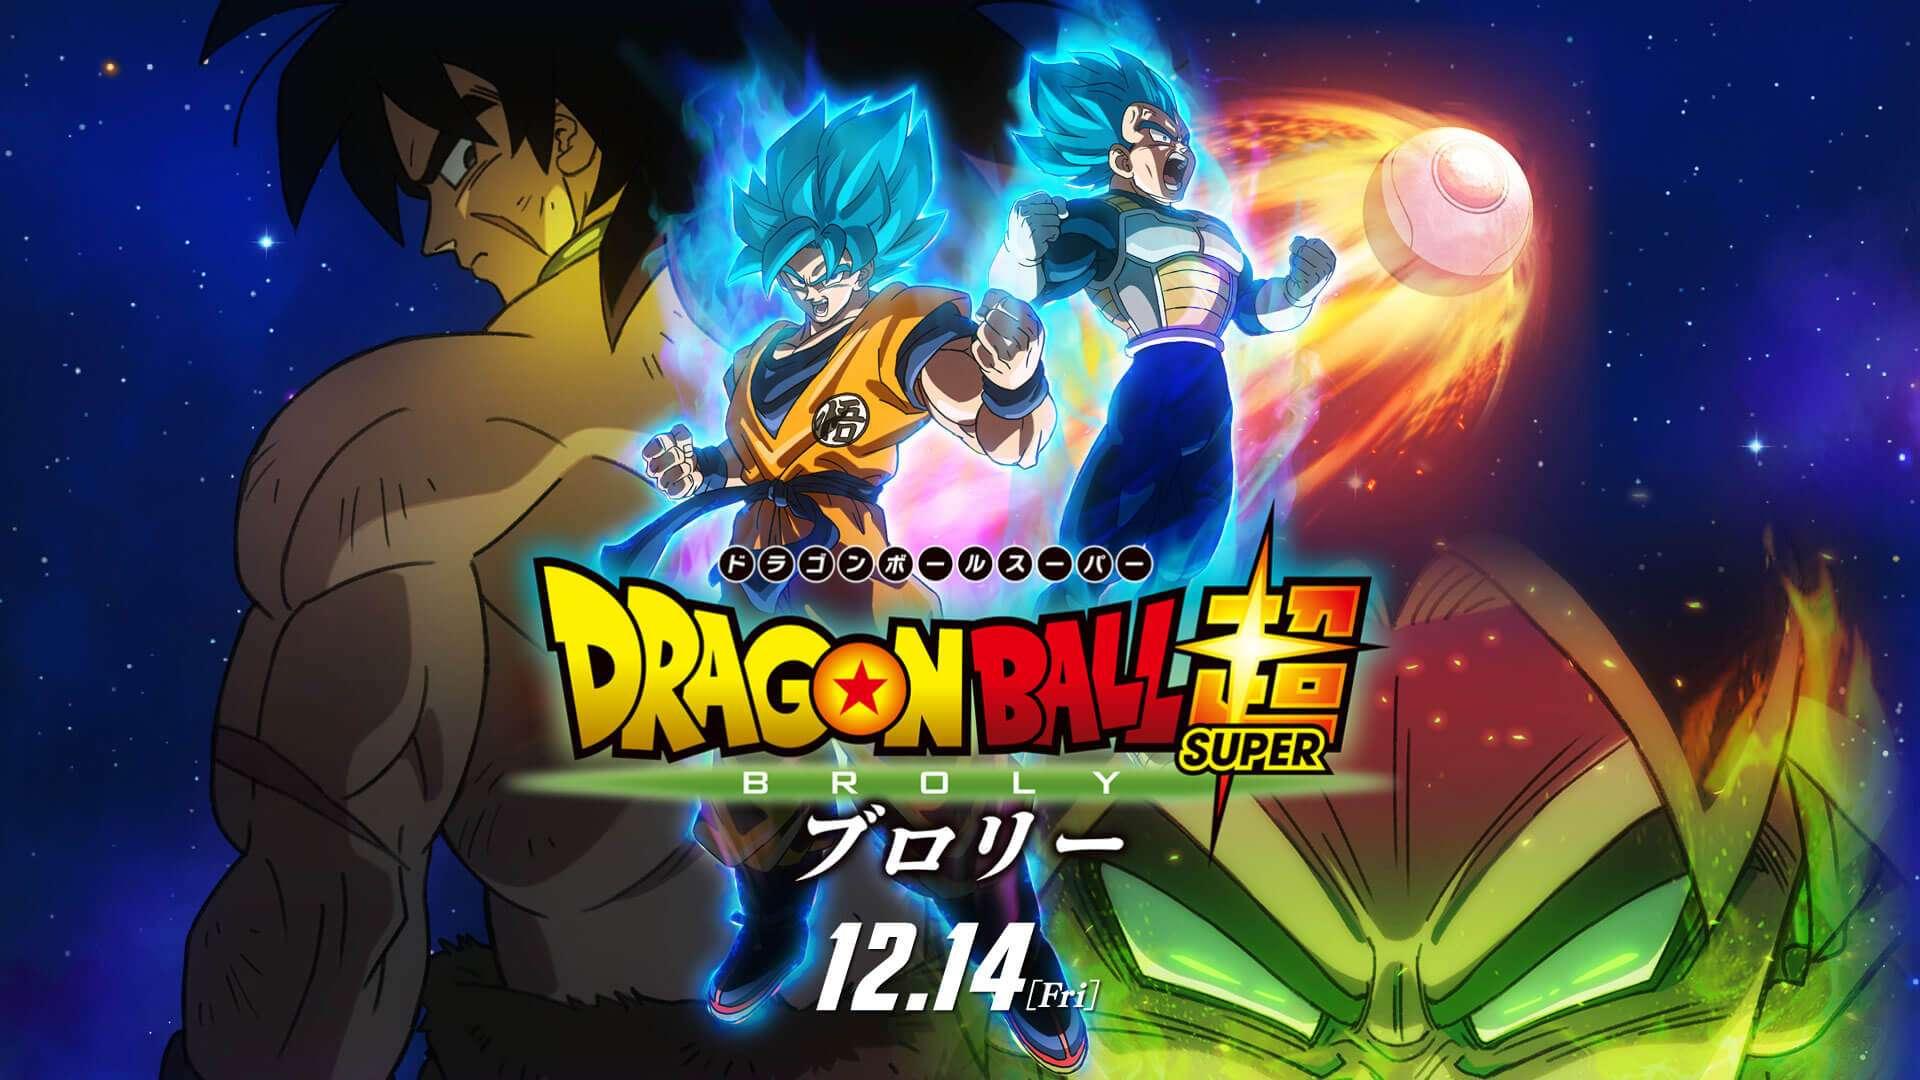 Dragon Ball Super film: képek és érdekességek Broly-val a ... Anime Chibi Dragon